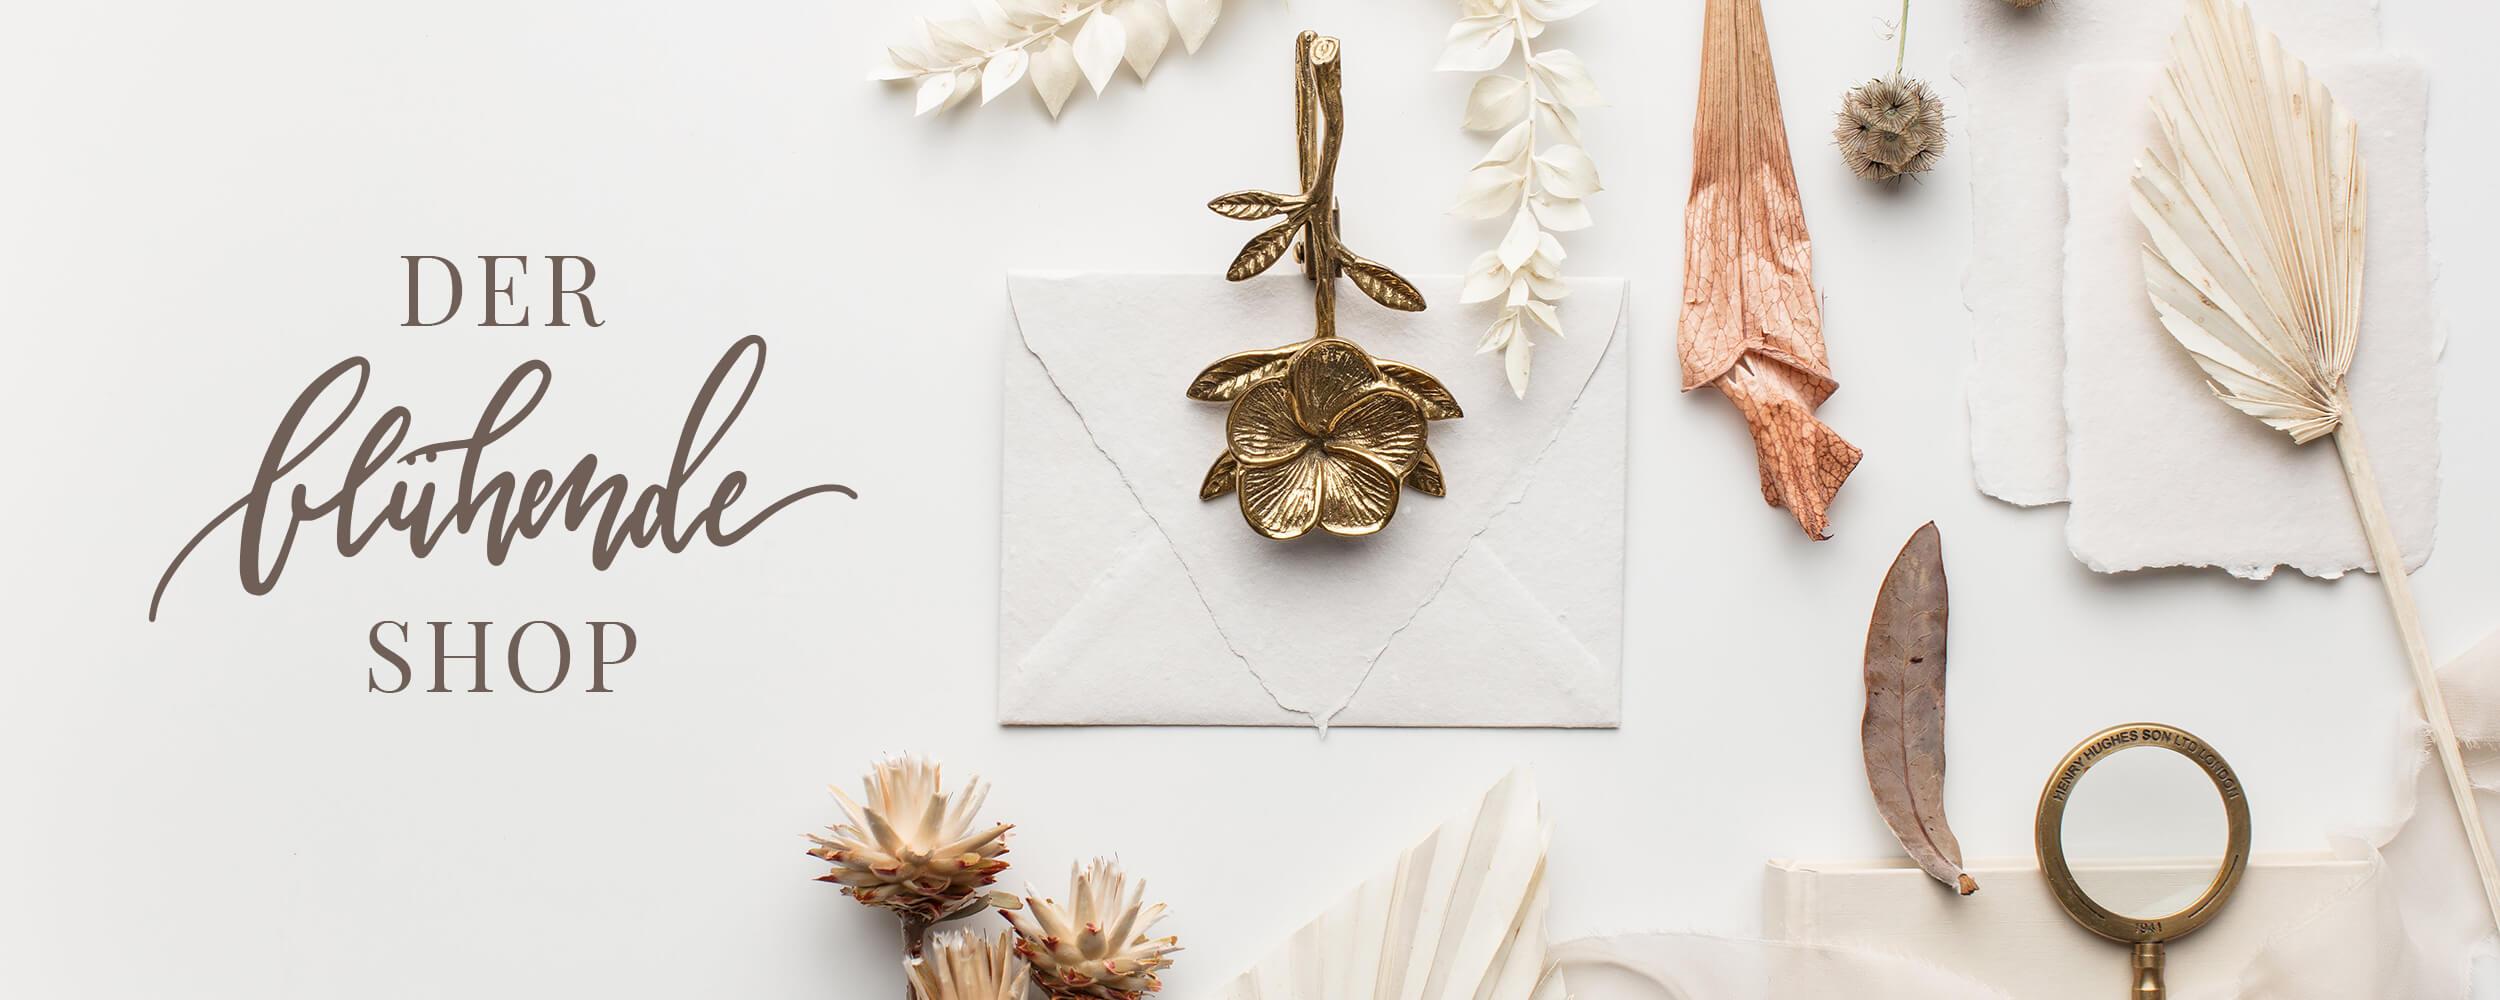 Kalligrafie Shop Kalligraphie Geschenke selbstgemacht